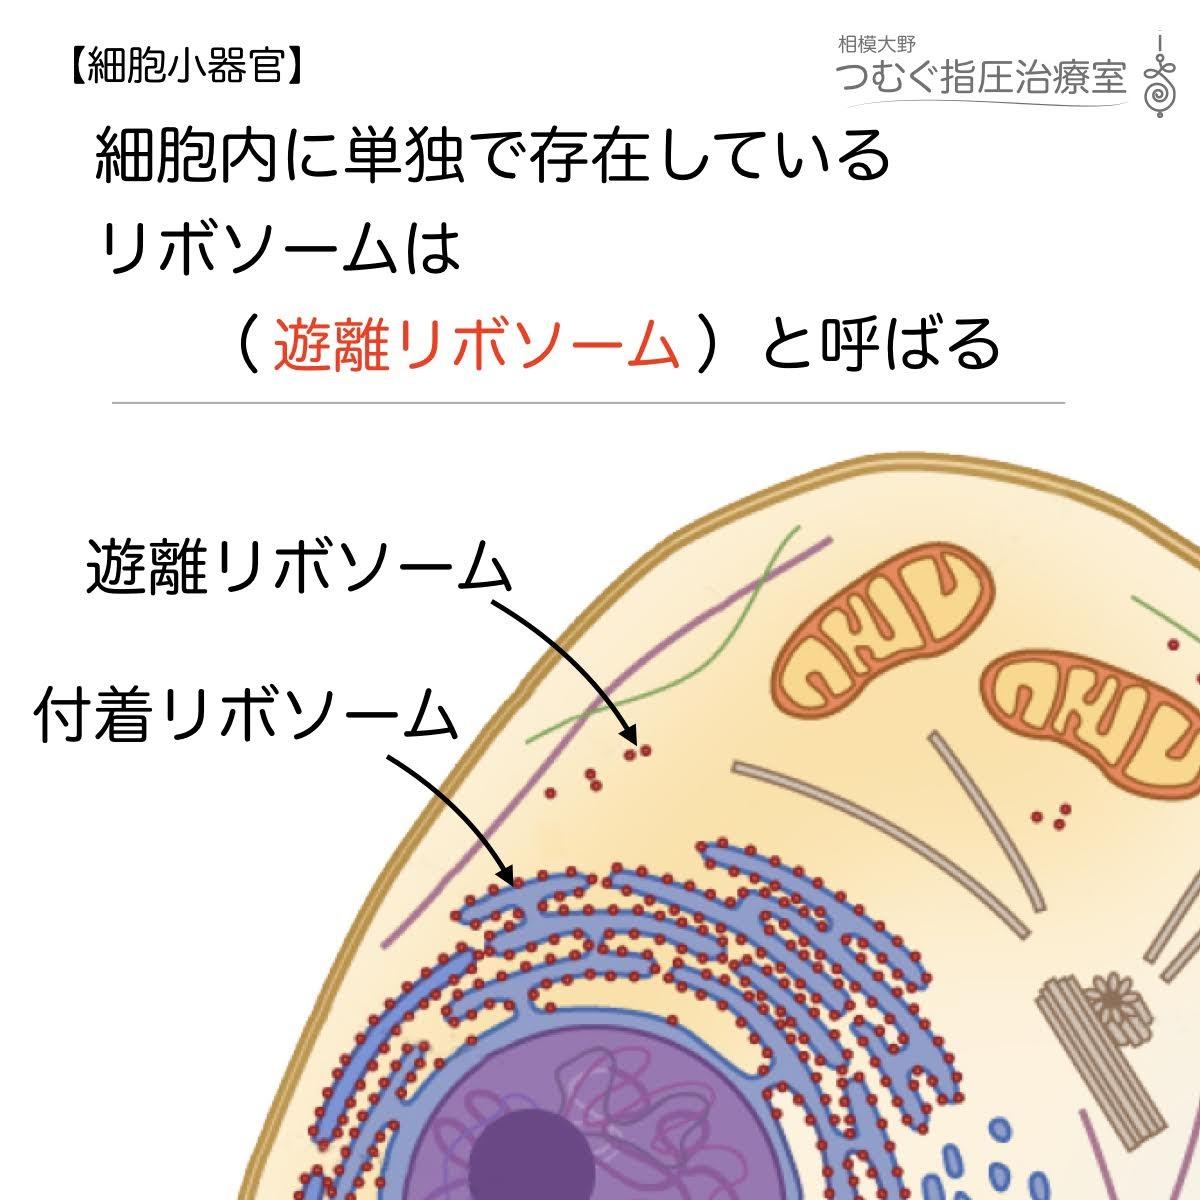 細胞内に単独で存在しているリボソームは(   )と呼ばれる